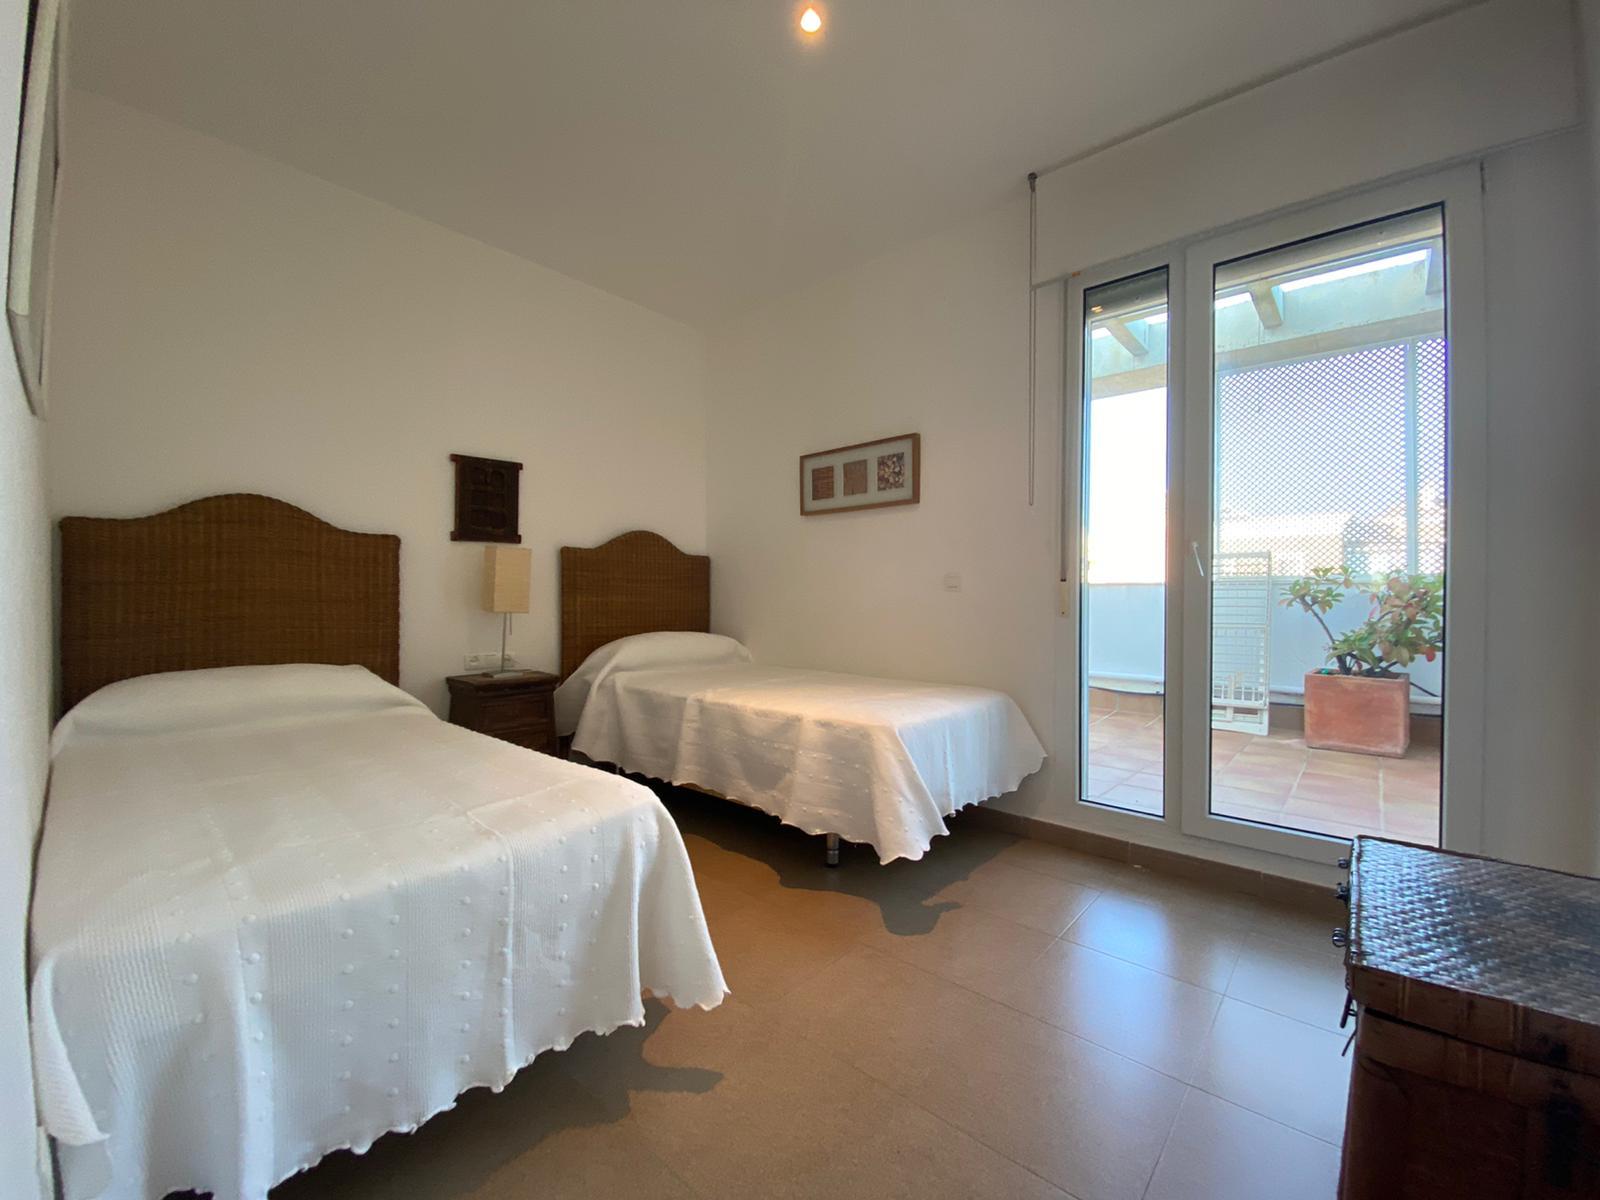 Imagen 25 del Apartamento Turístico, Ático 4 Levante, Frontal (4d+2b), Punta del Moral (HUELVA), Paseo de la Cruz nº22